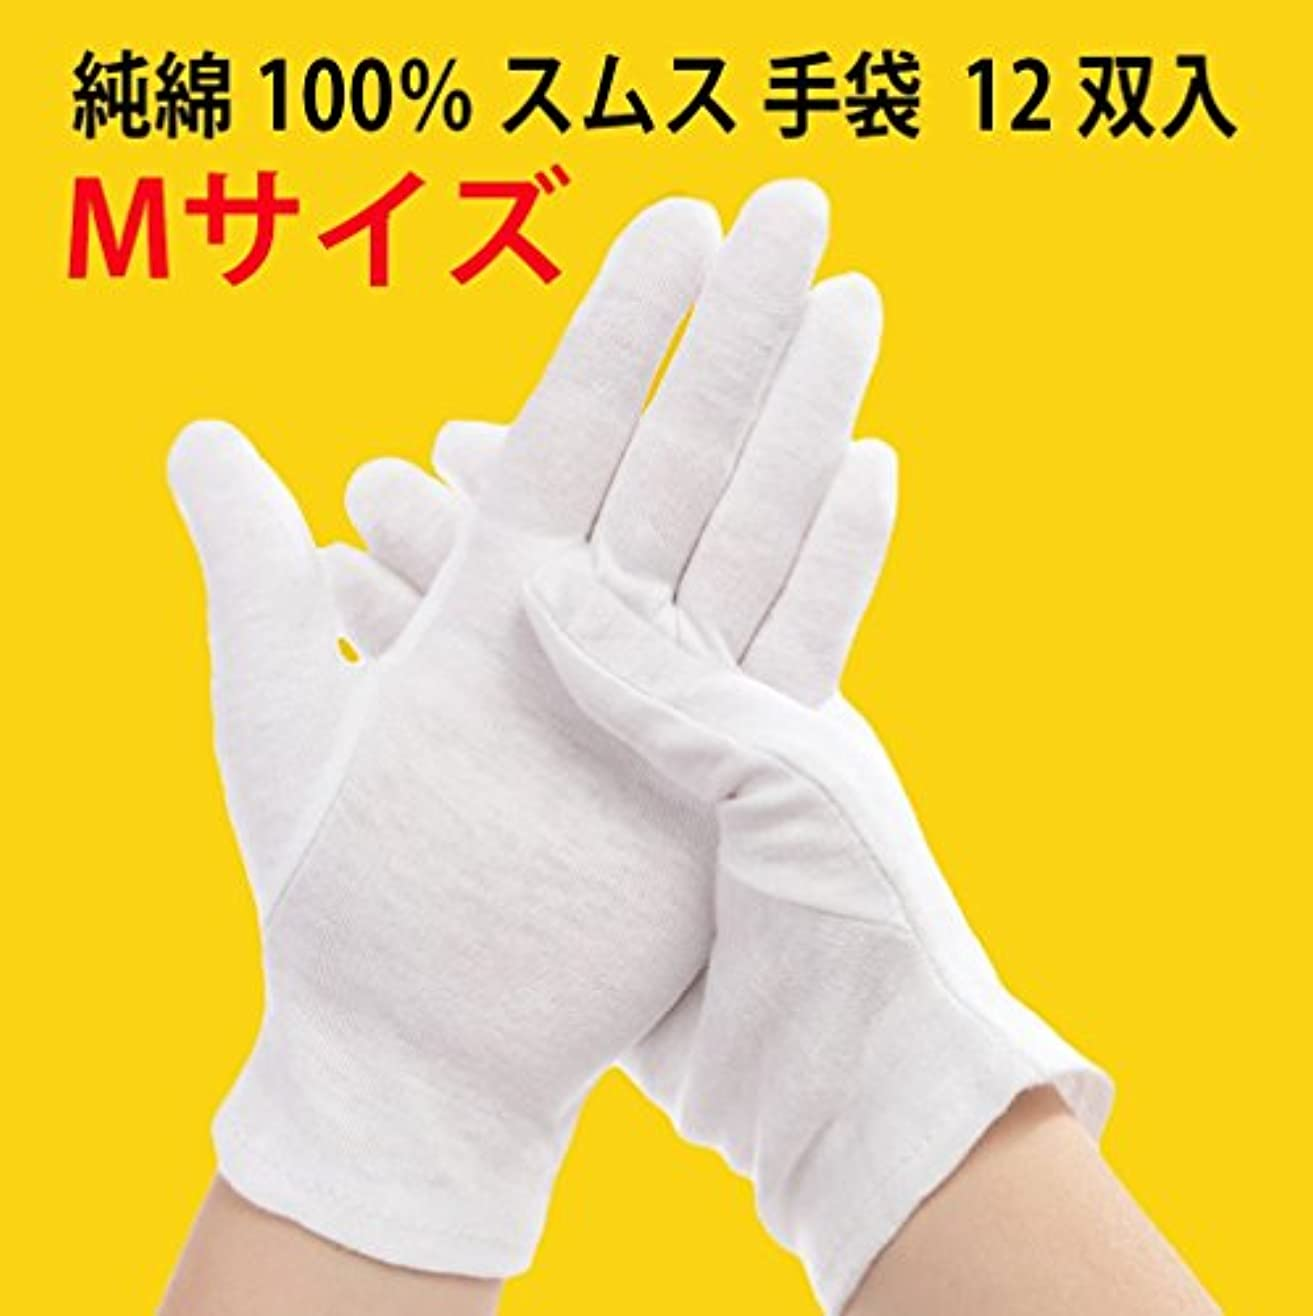 ジョージエリオットワーディアンケースに賛成純綿100% スムス 手袋 Mサイズ 12双 多用途 101115